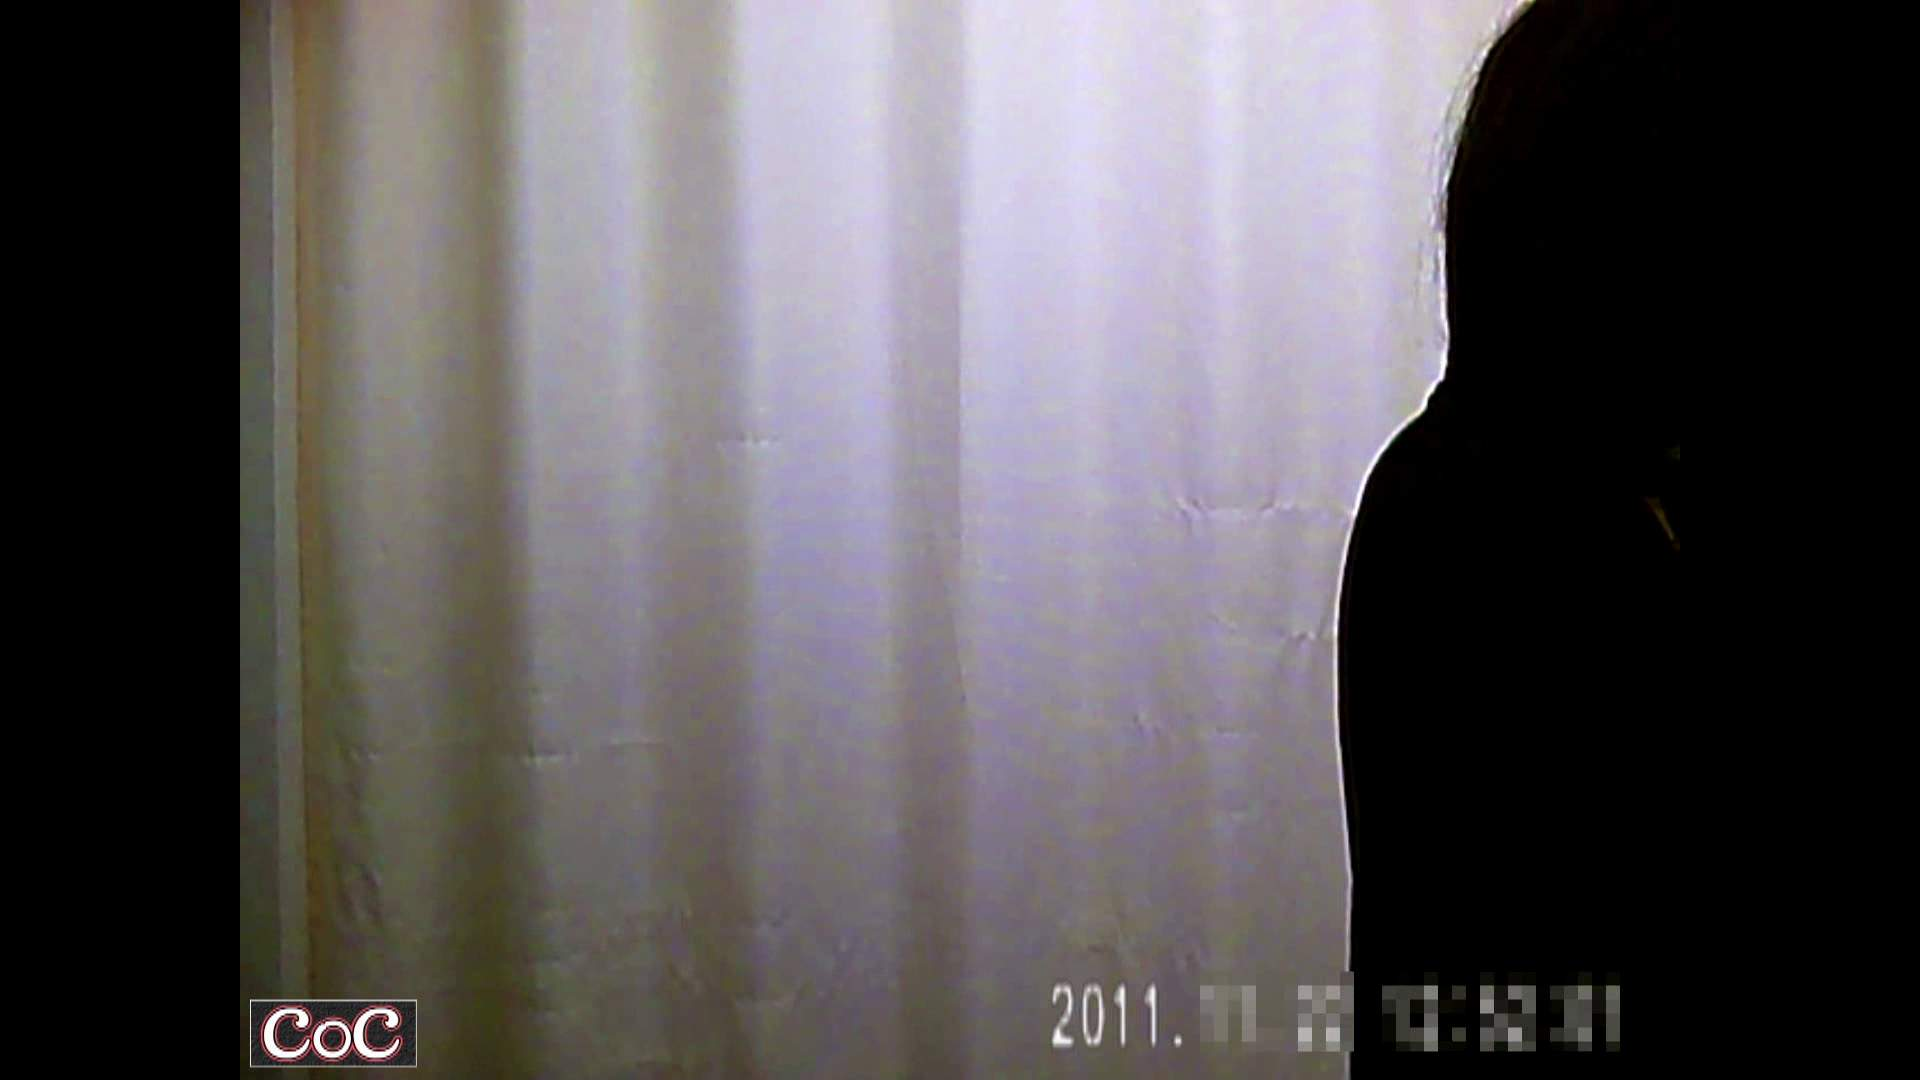 エッチ 熟女|元医者による反抗 更衣室地獄絵巻 vol.194|怪盗ジョーカー